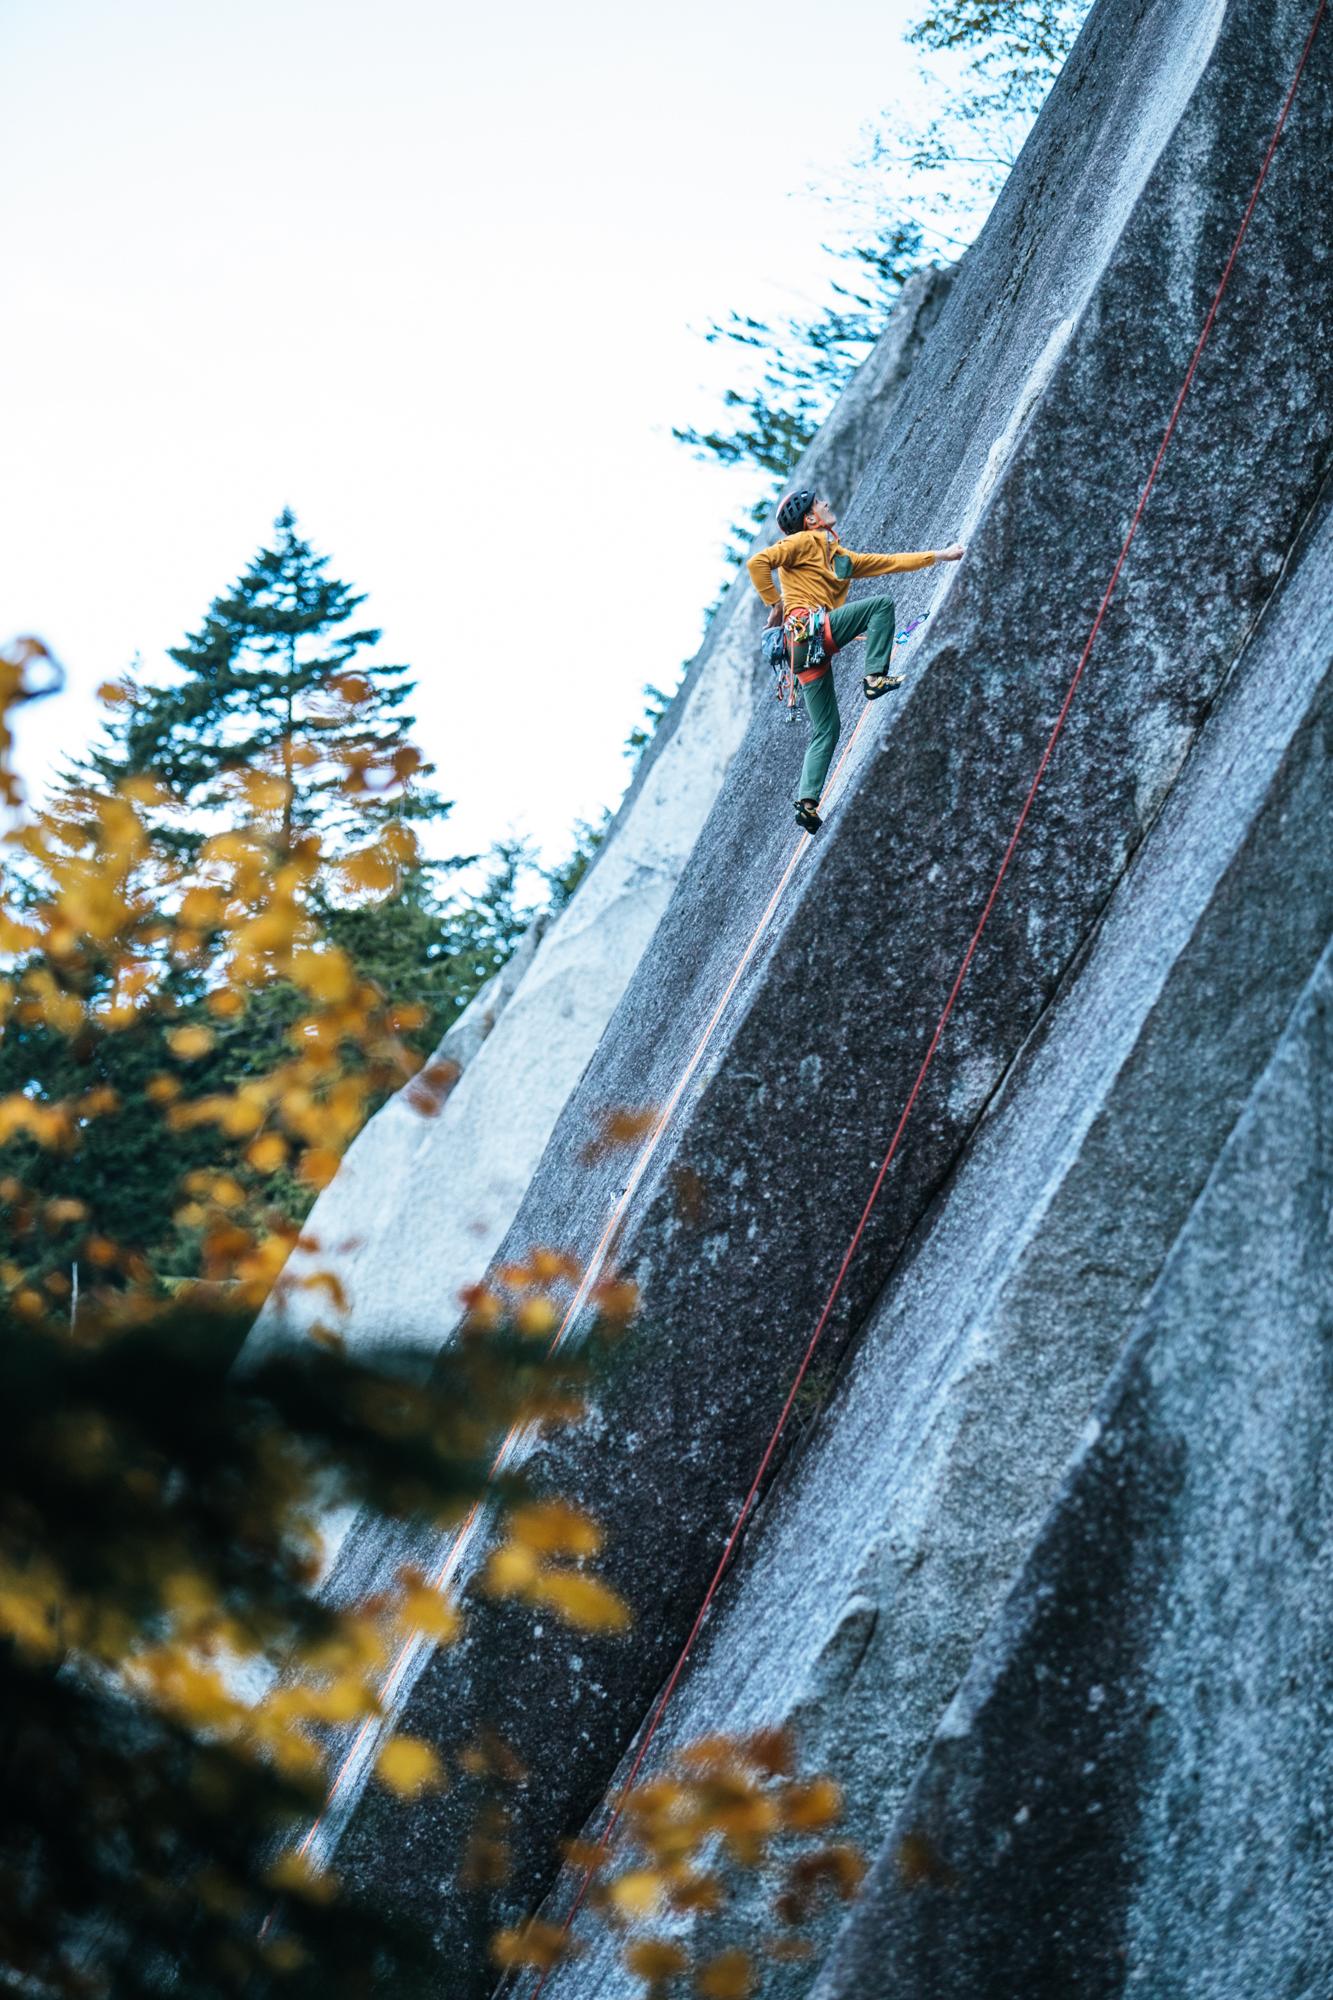 LT11_Marmot_Squamish_Jorg_Katha_10-17-18_LR-4266.jpg